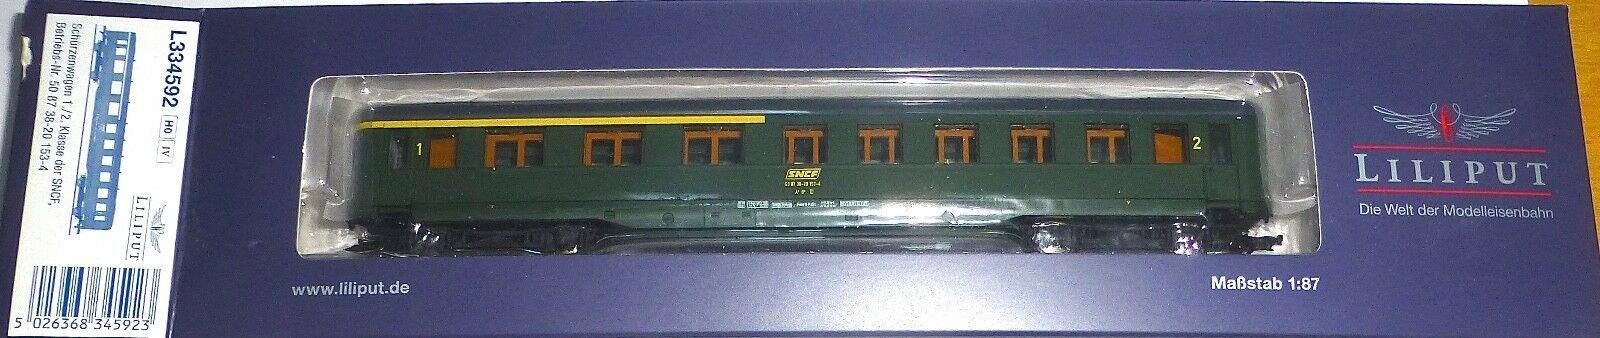 SNCF Schürzenwagen 1 / 2  cl. 50 87 38-20 153-4 EP4 Liliput l334592 H0 1:87